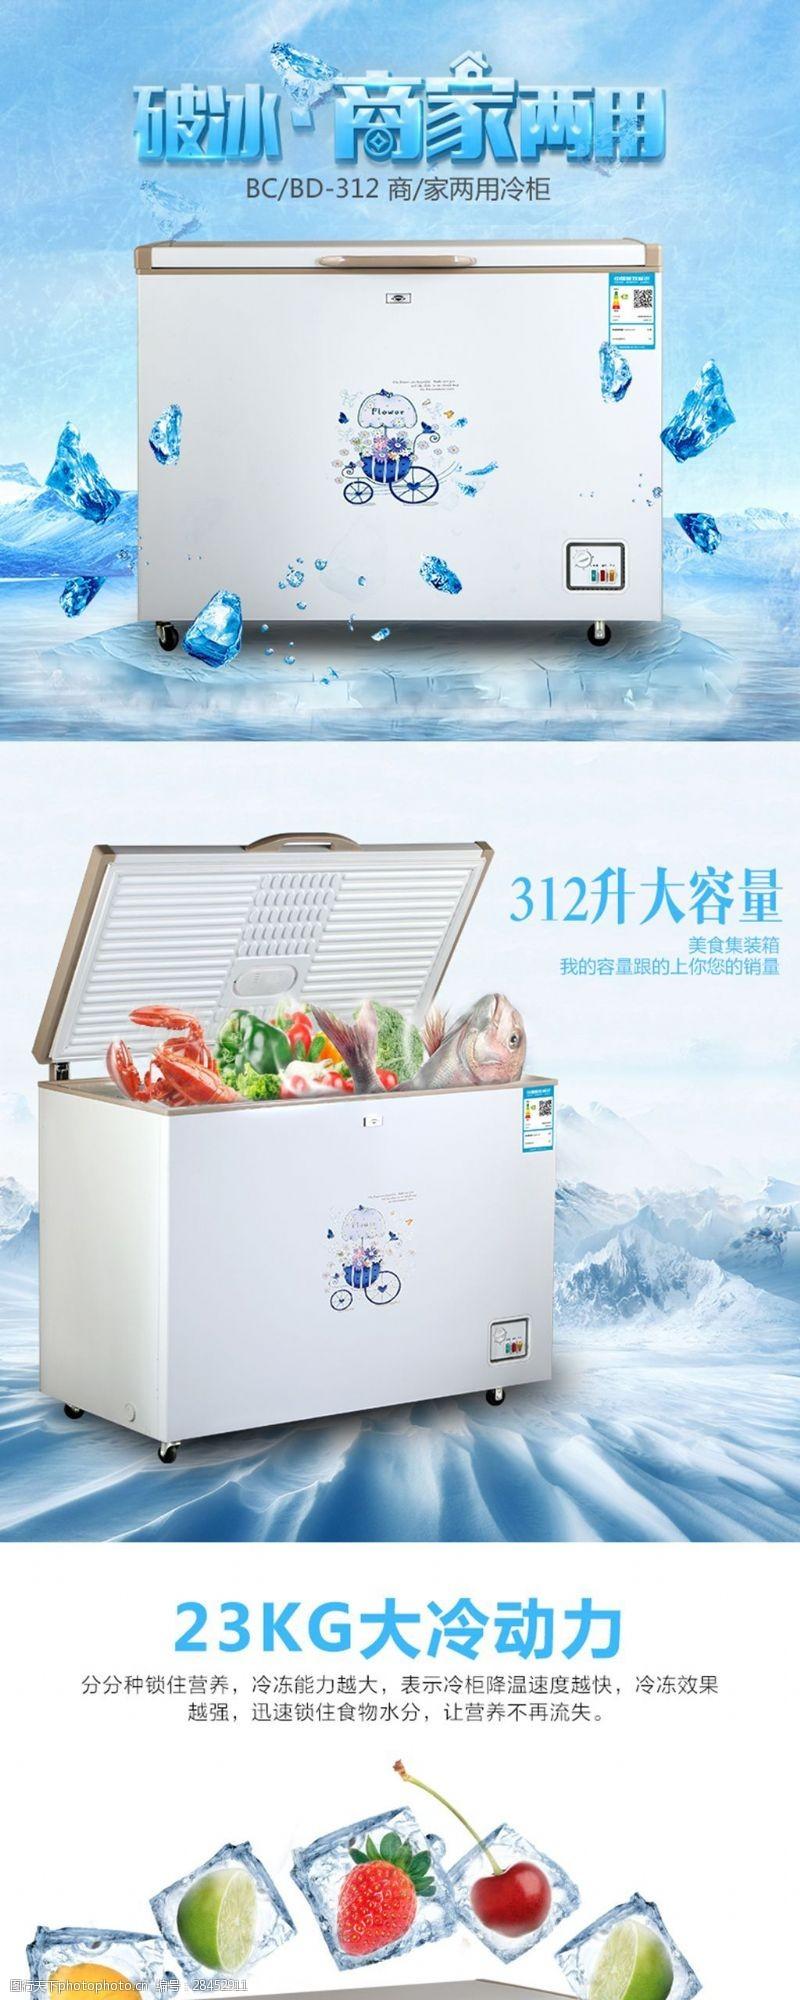 夏季蔬菜冰柜冷柜家电清凉详情页